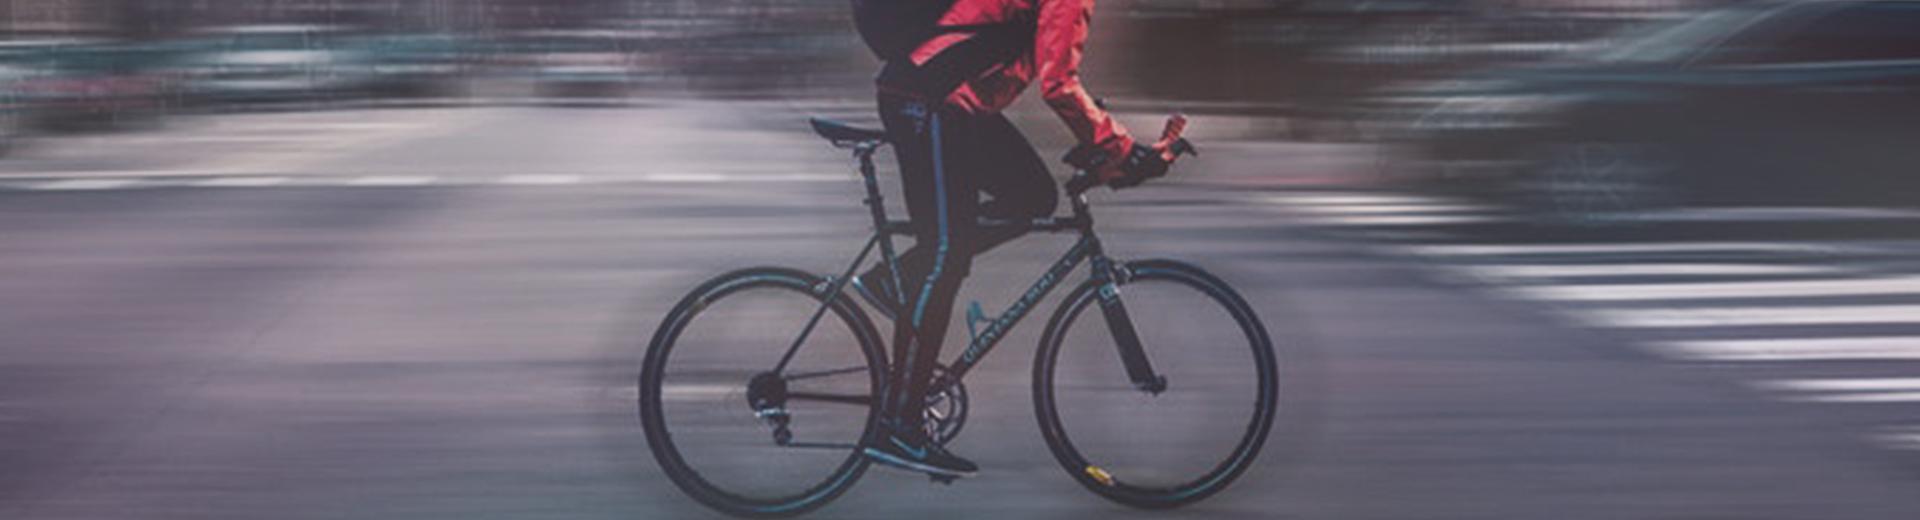 couverture équipement vélo.png